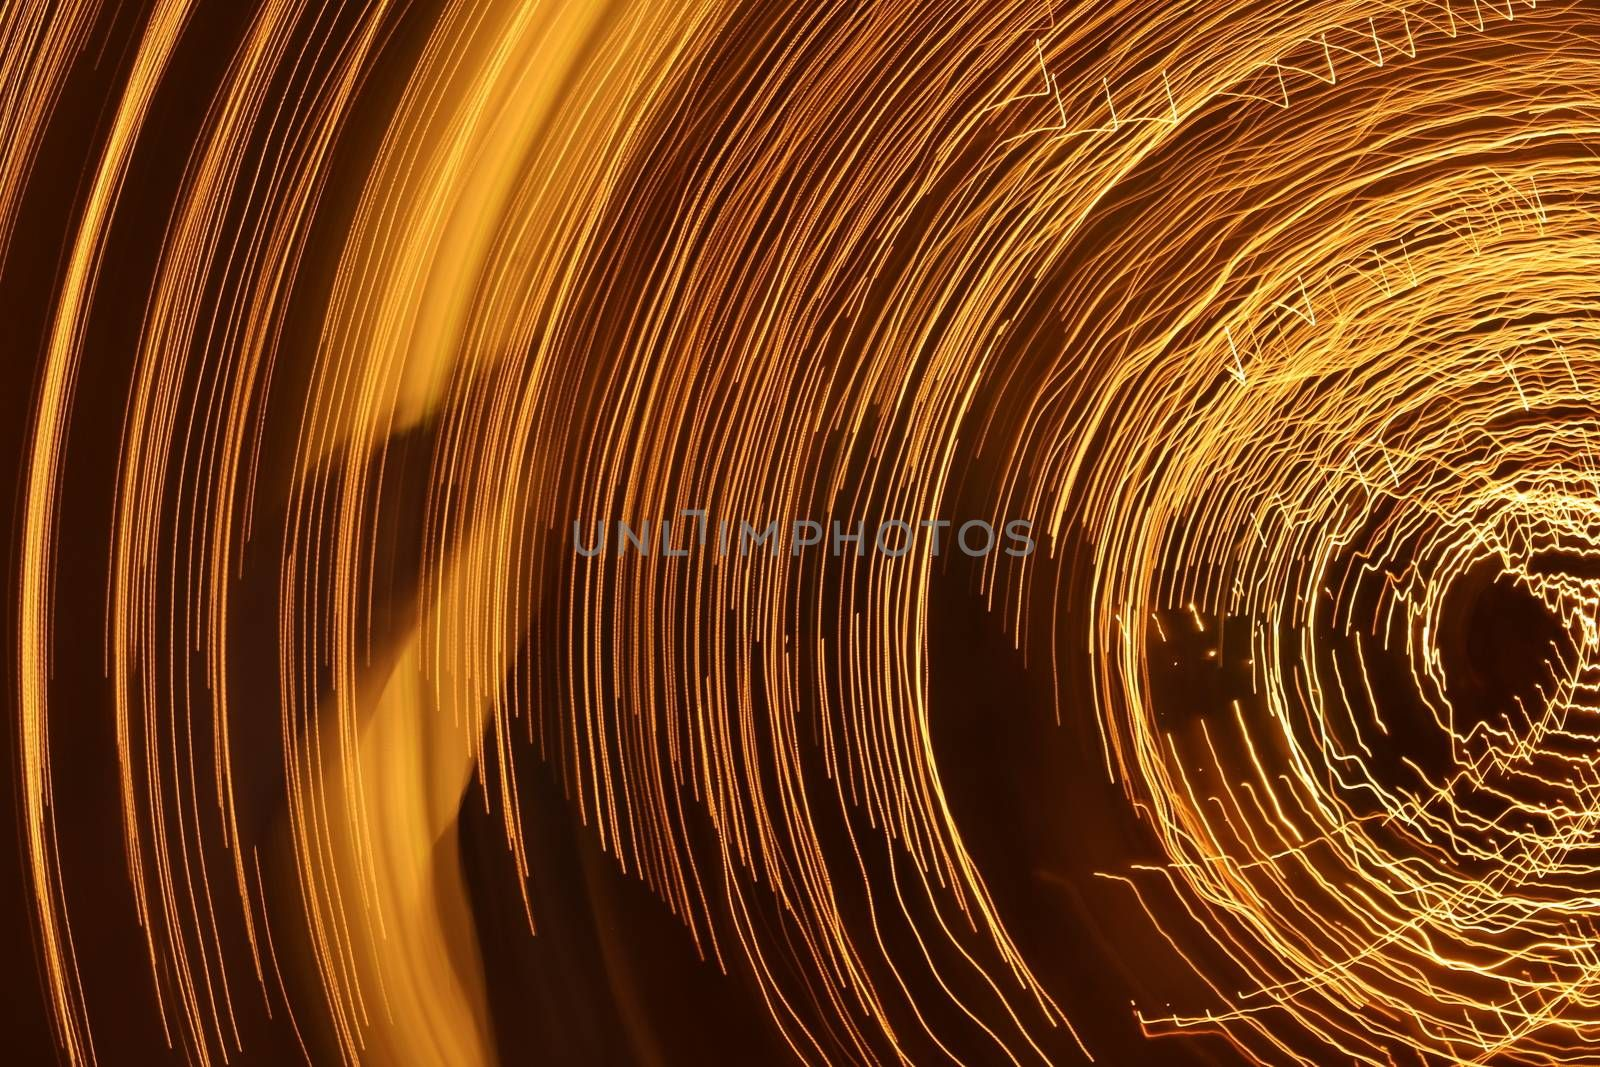 Abstract slow shutter lights by rajastills